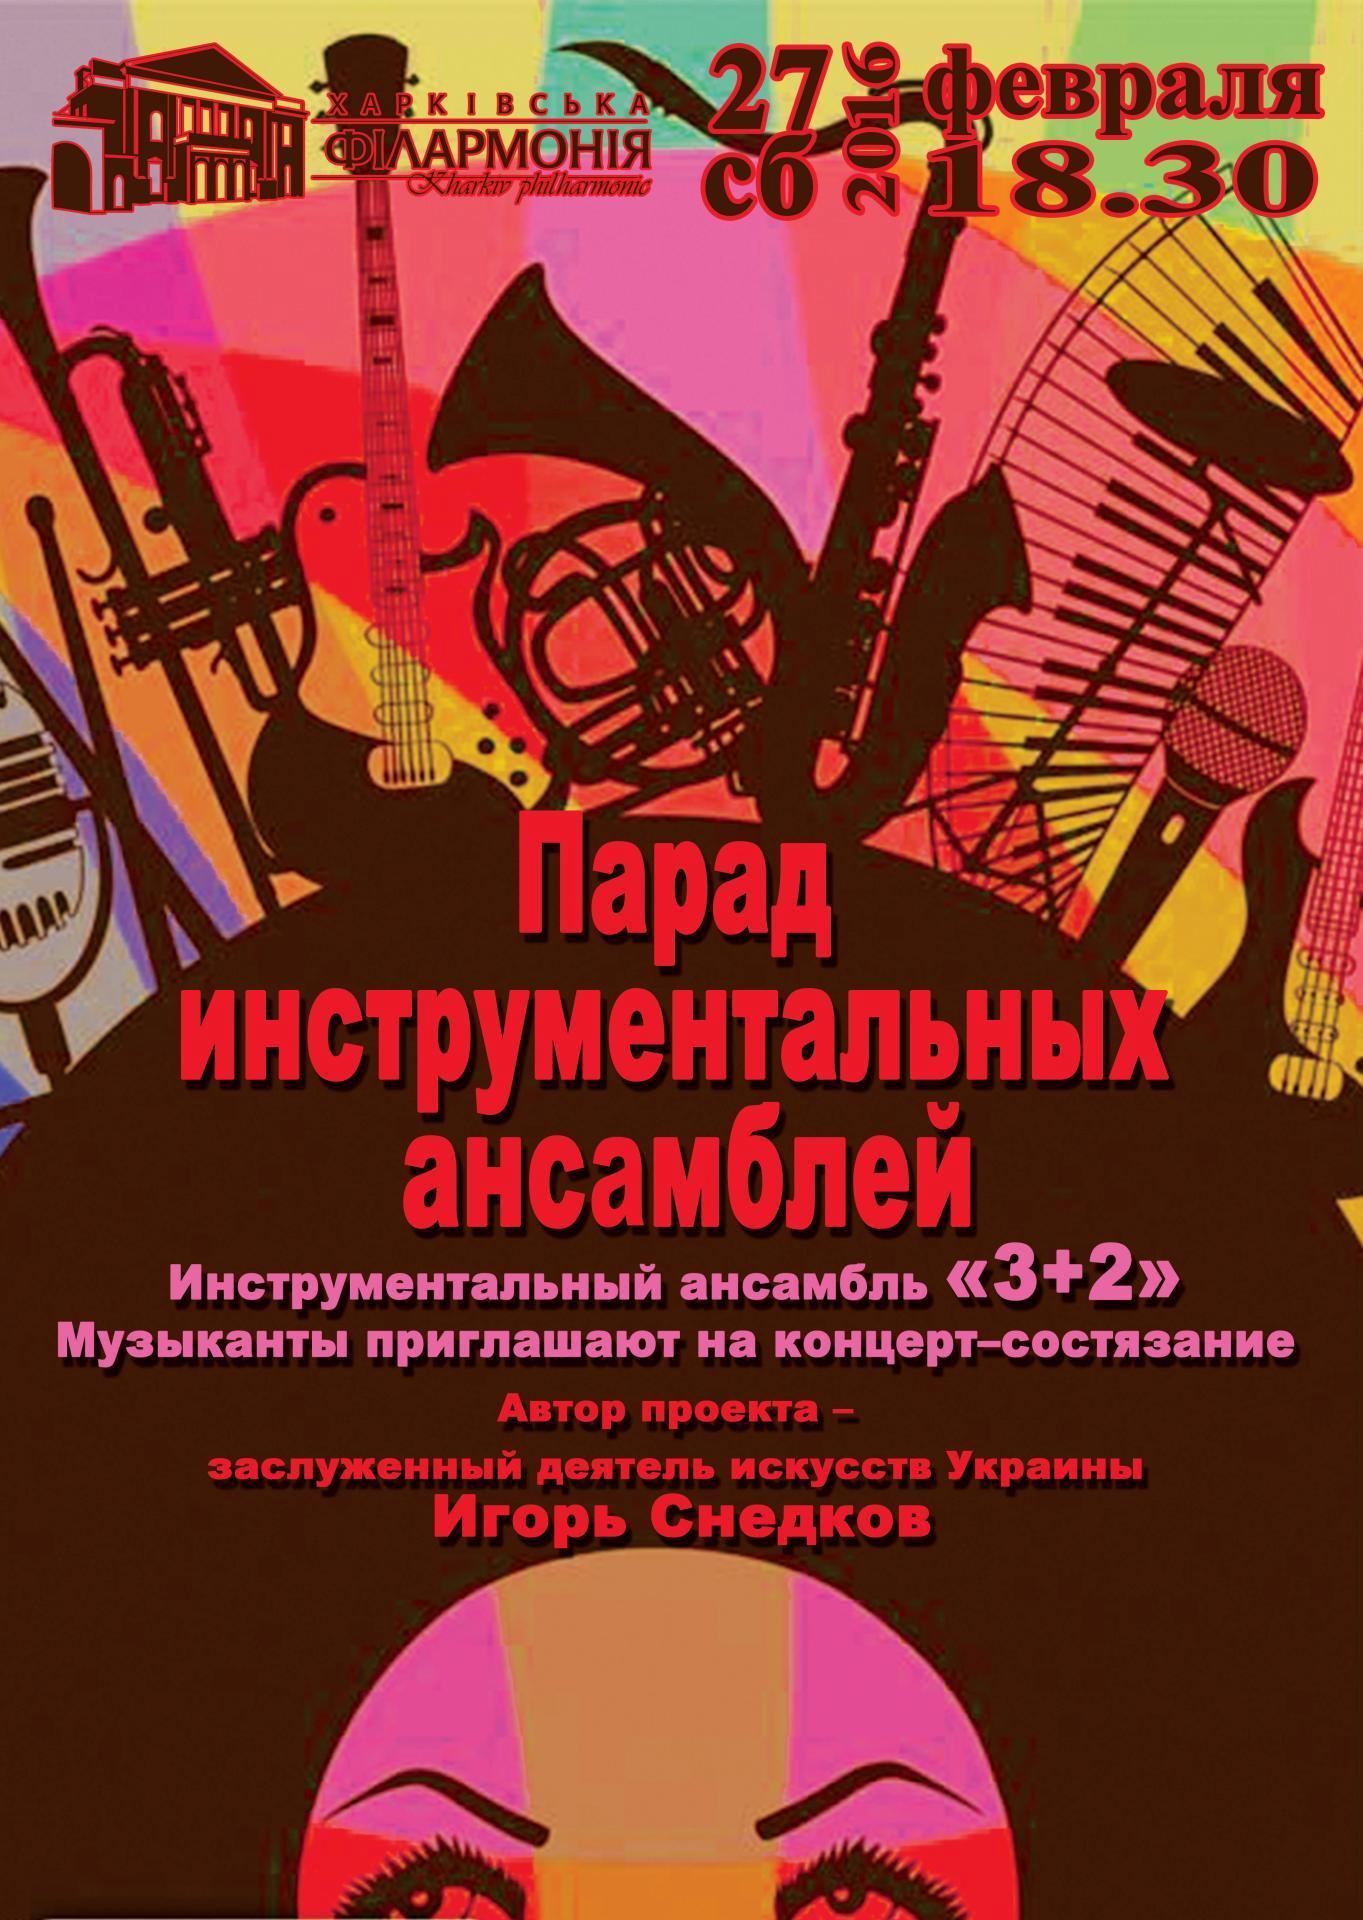 27-февраля-афиша-харьков-парад-инструментальных-ансамблей